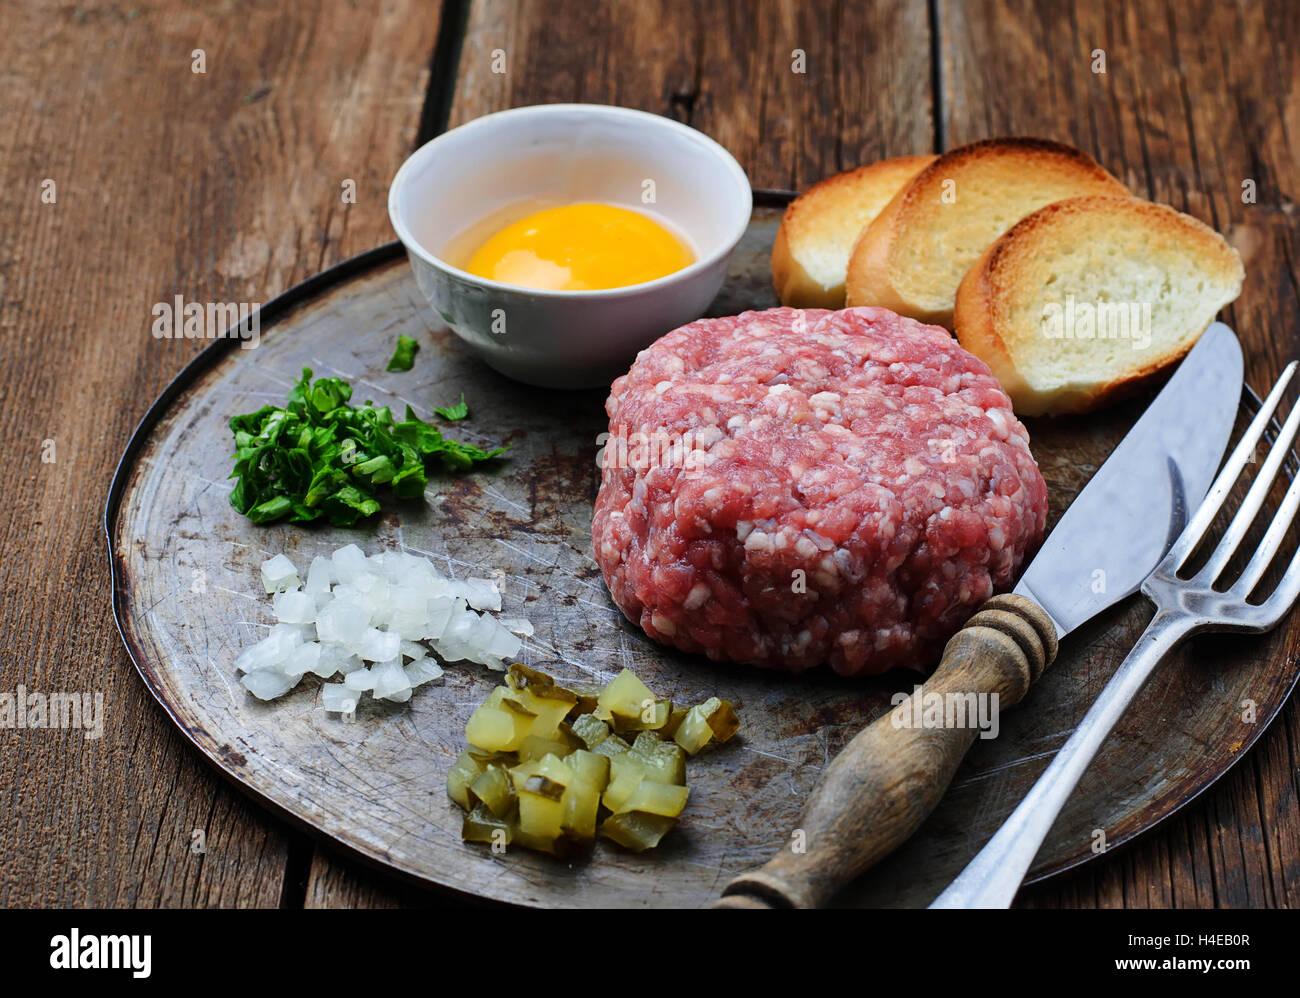 Carni bovine fresche tartaro con uovo, cetriolo sottaceto e cipolla. Messa a fuoco selettiva Immagini Stock